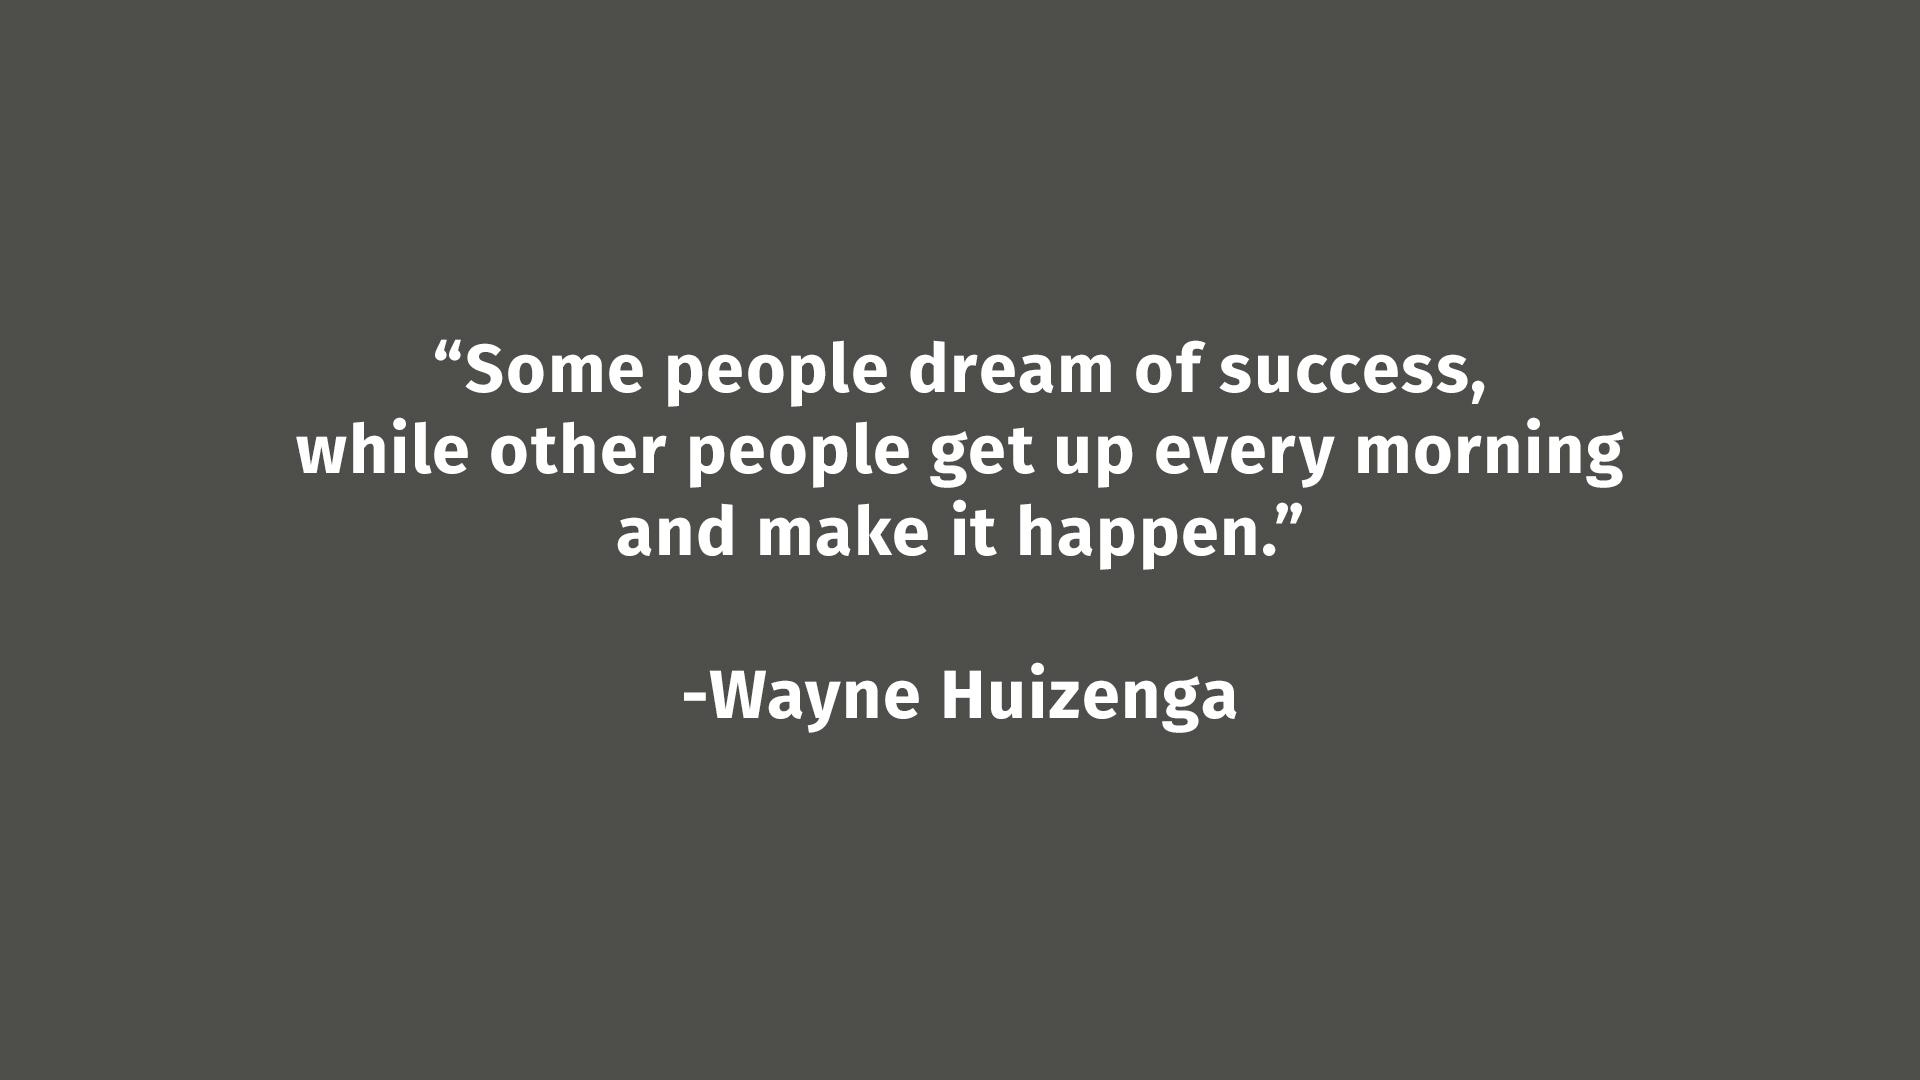 Wayne-quote